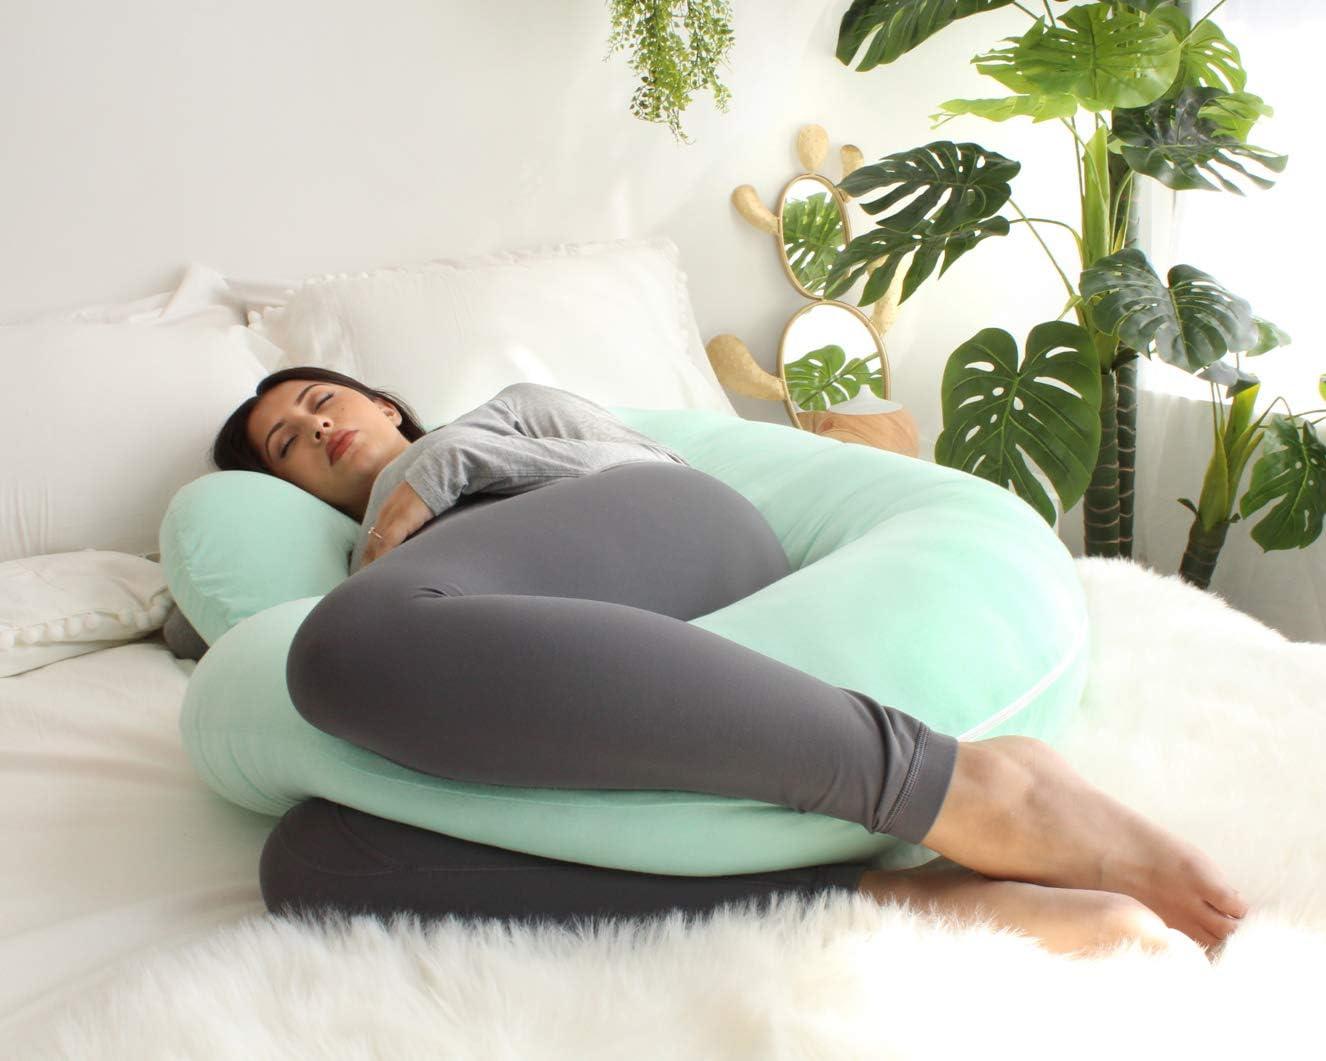 C Shaped Full Body Pillow Pharmedoc Schwangerschaftskissen Mit Jersey-Bezug C-F/örmiges Ganzk/örperkissen Pregnancy Pillow with Jersey Cover